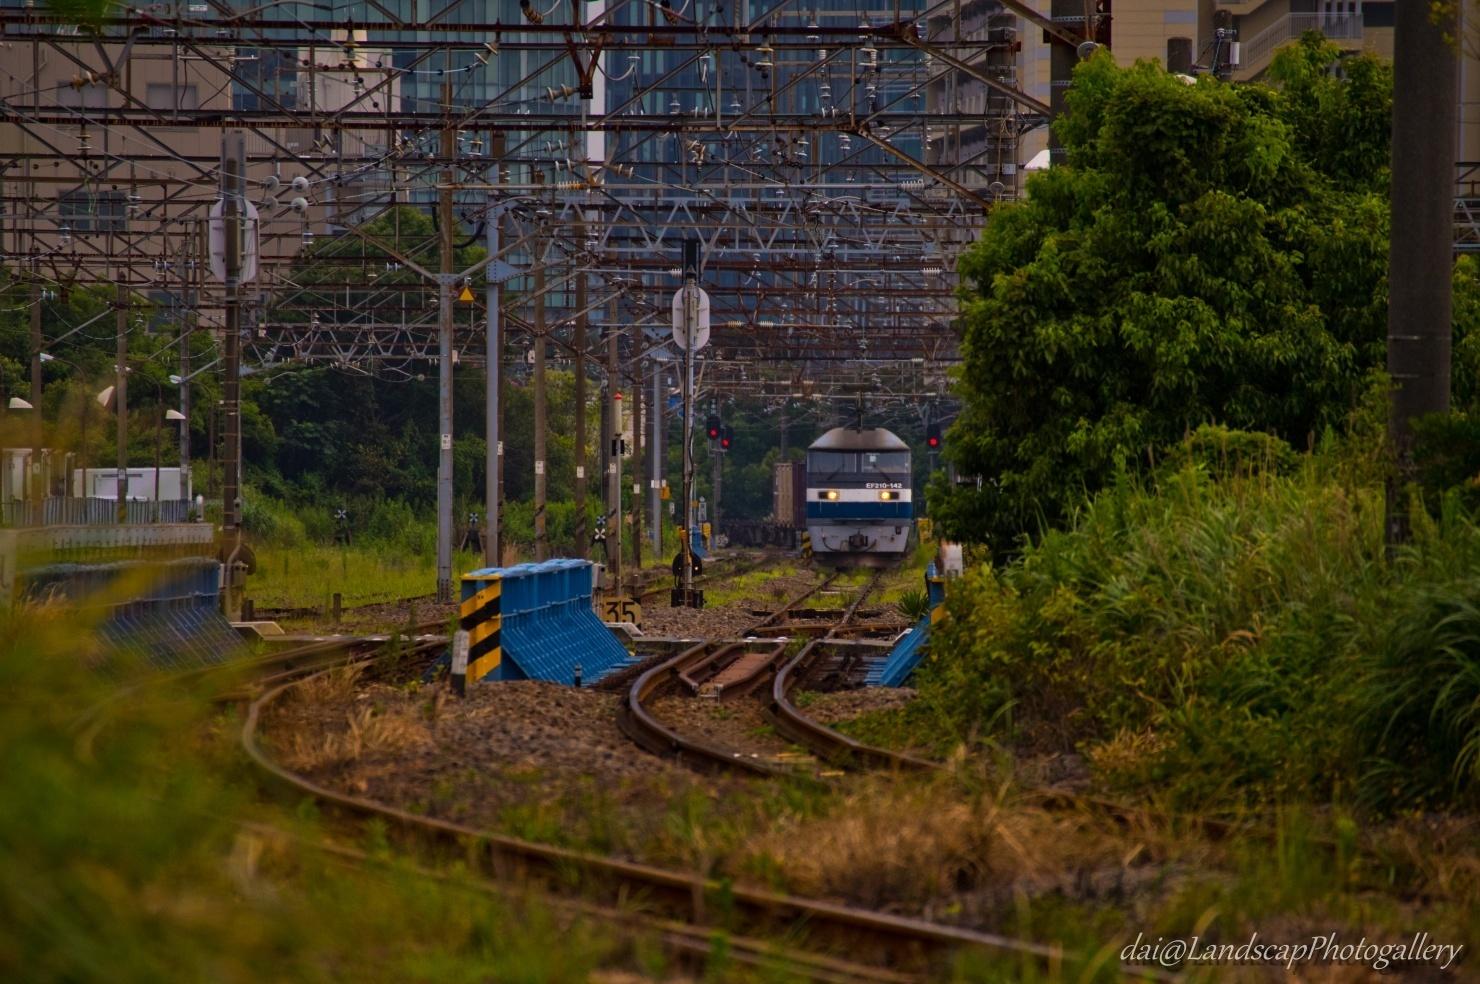 高島線をゆくEF210コンテナ列車